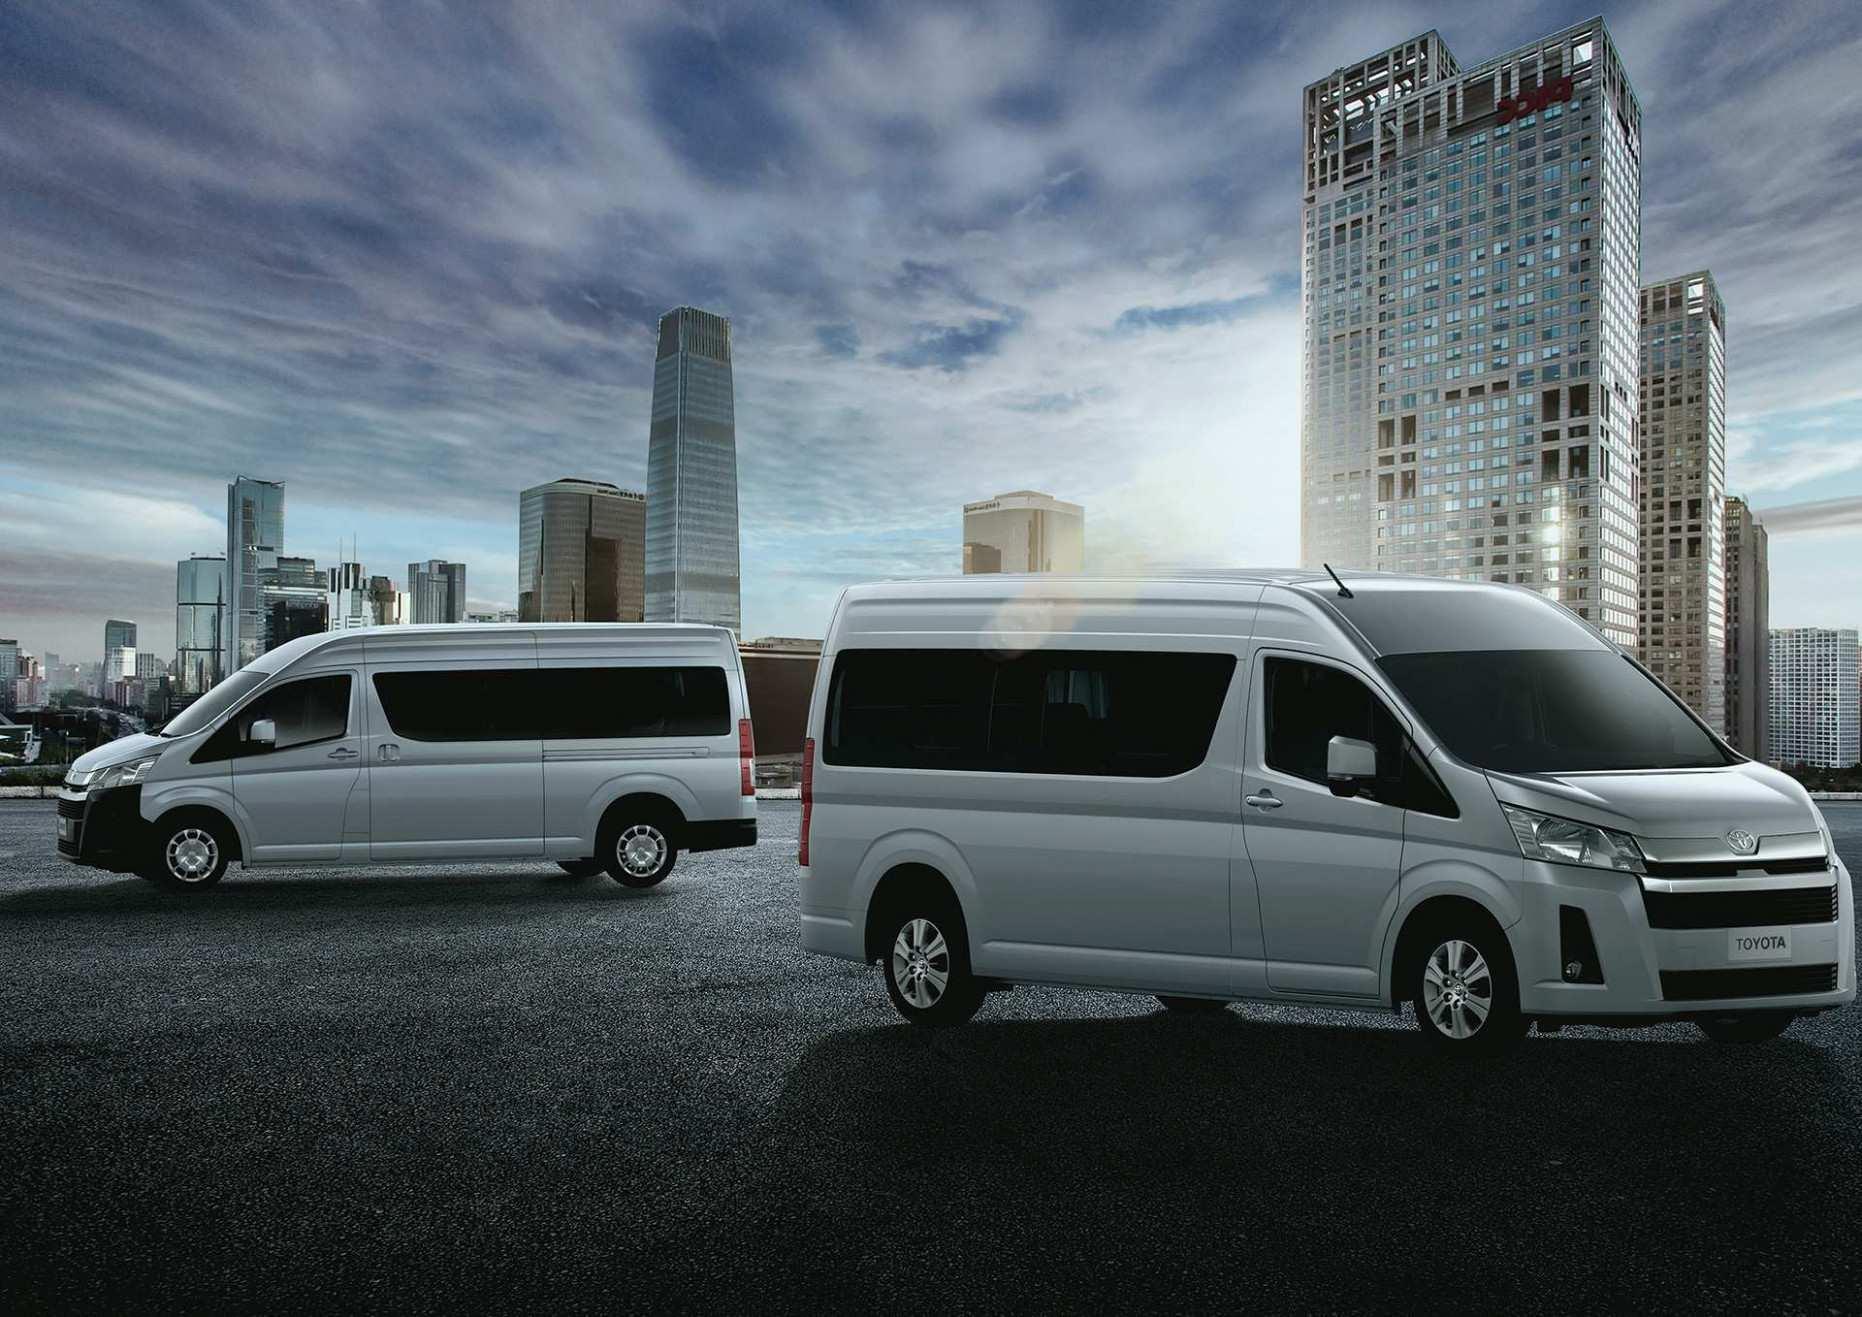 96 New 2020 Toyota Quantum Interior Specs for 2020 Toyota Quantum Interior